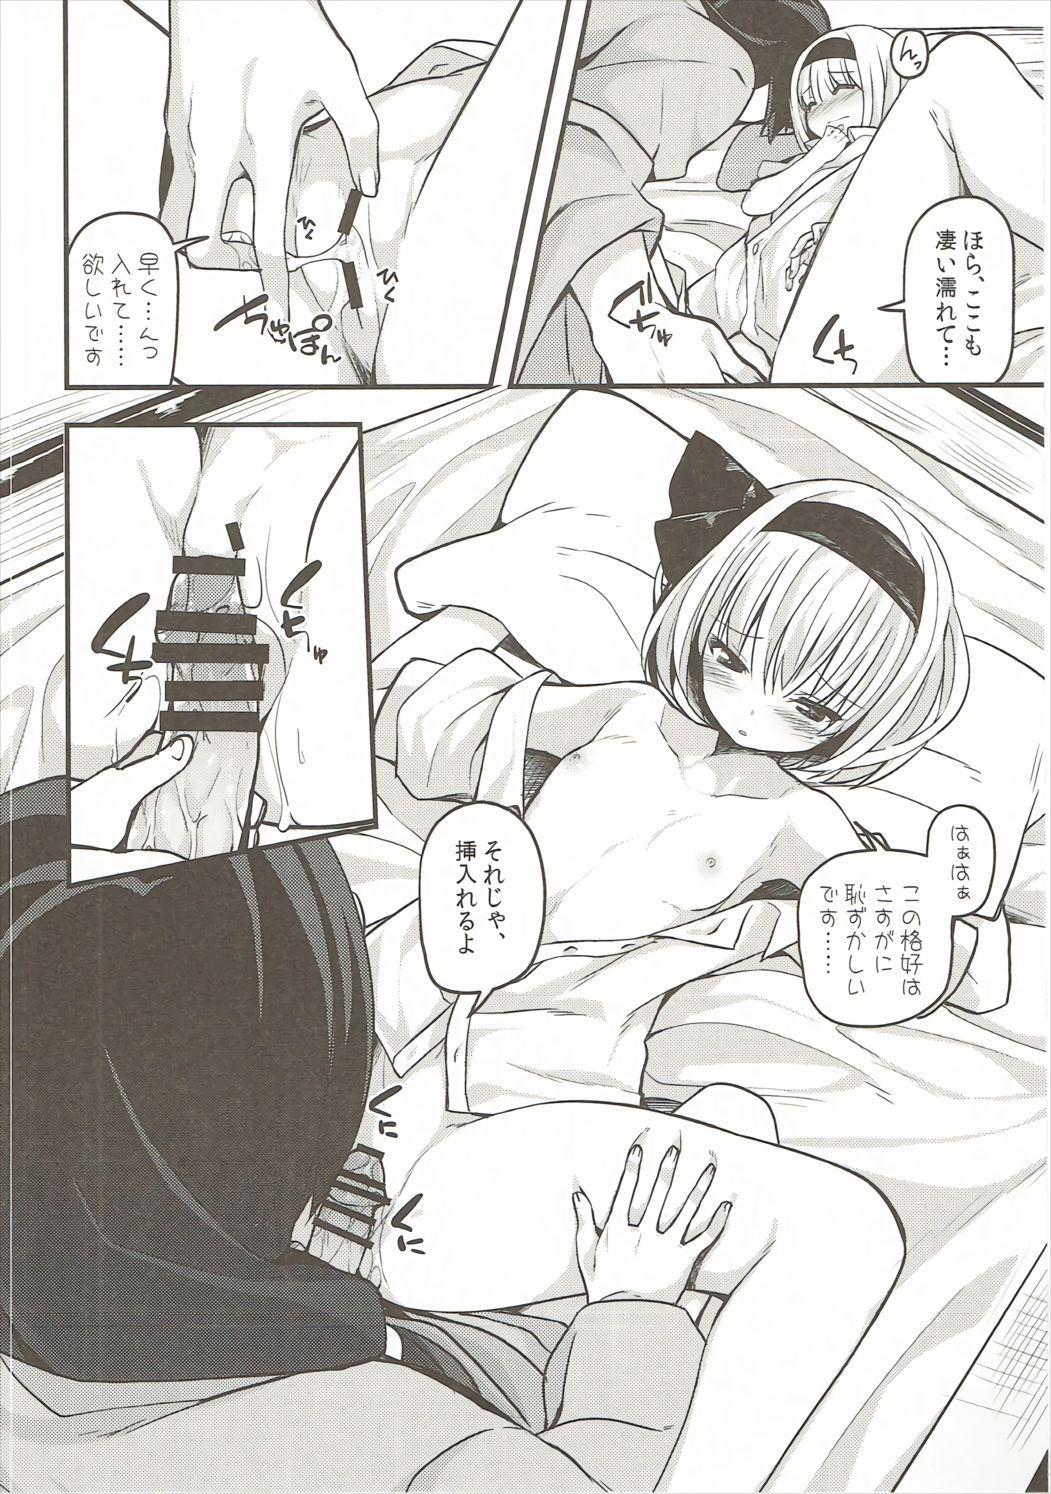 Hontou no Kimochi 2 8